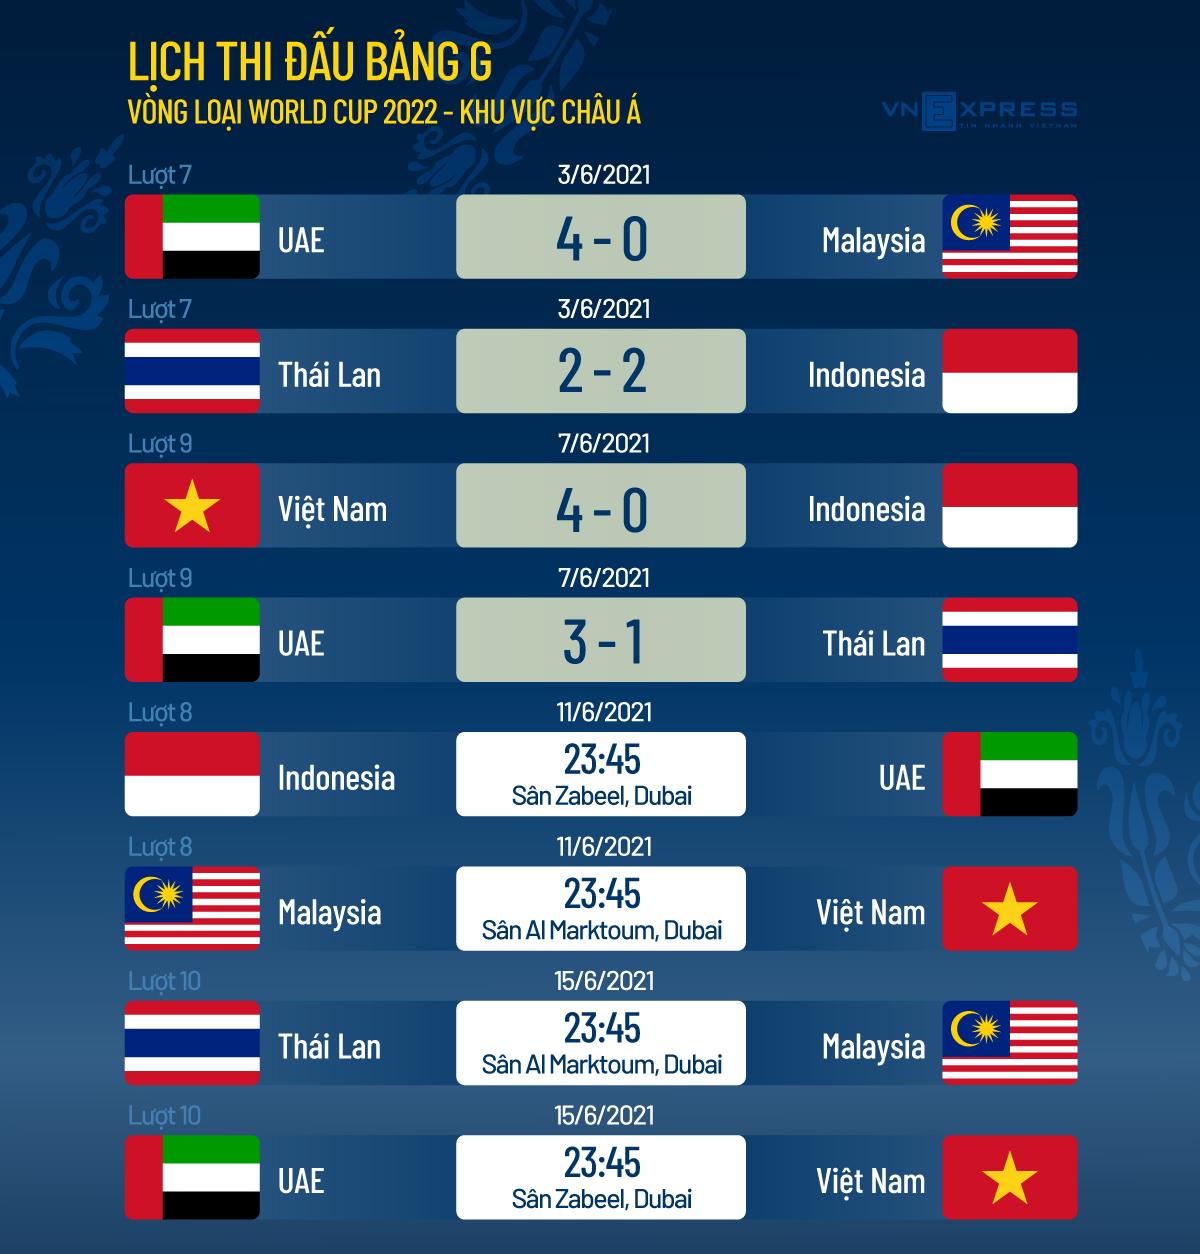 HLV Indonesia đổ lỗi cho trọng tài khi thua Việt Nam - 2